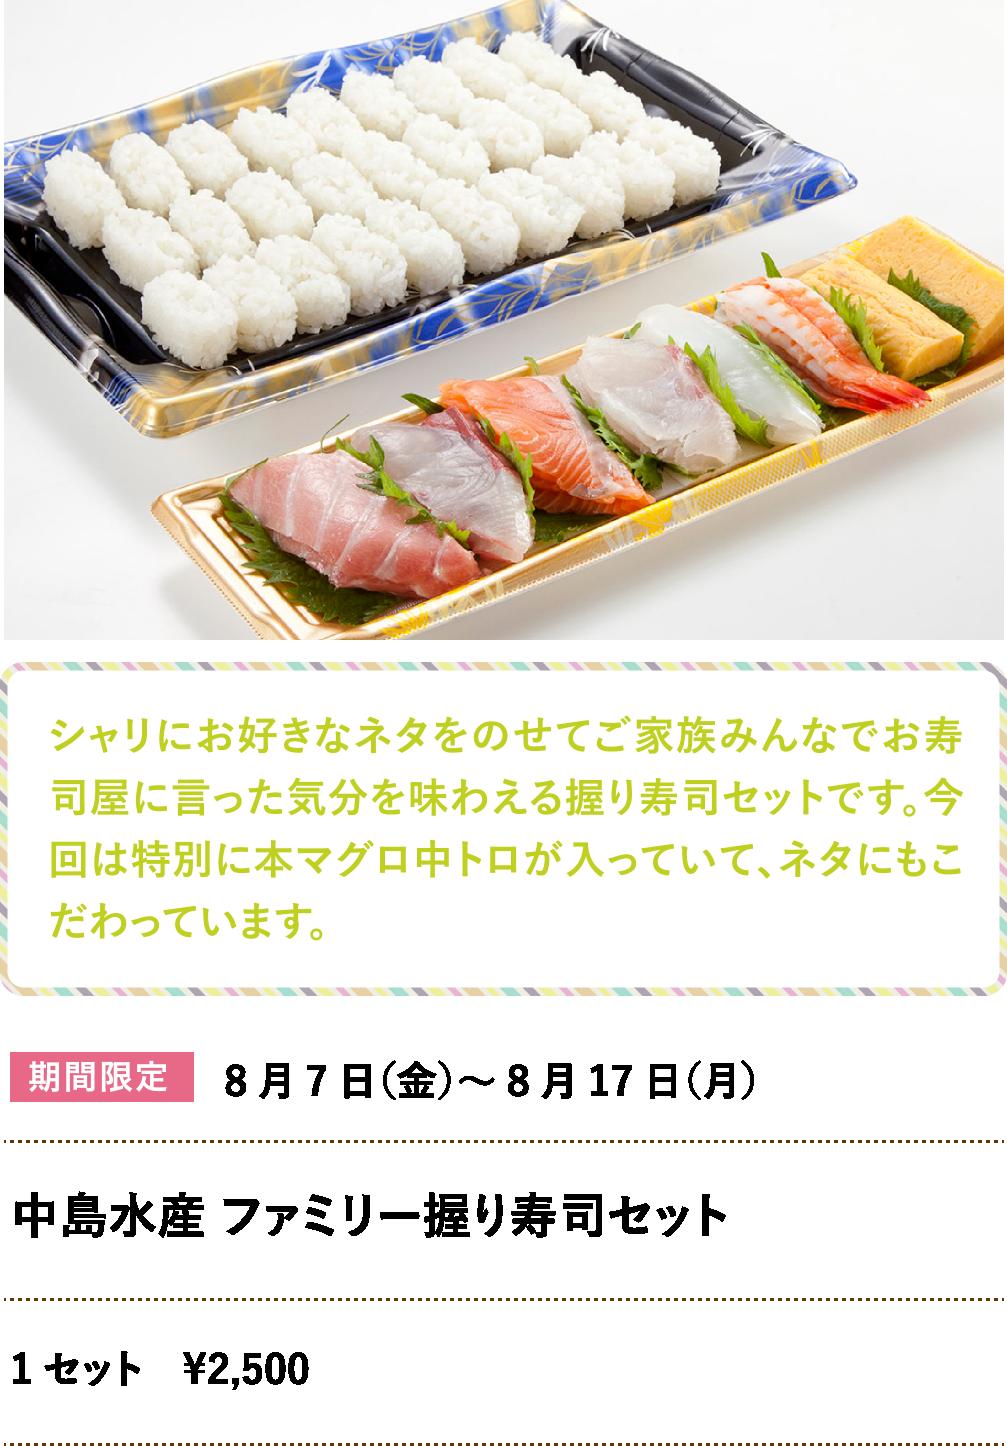 中島水産 ファミリー握り寿司セット